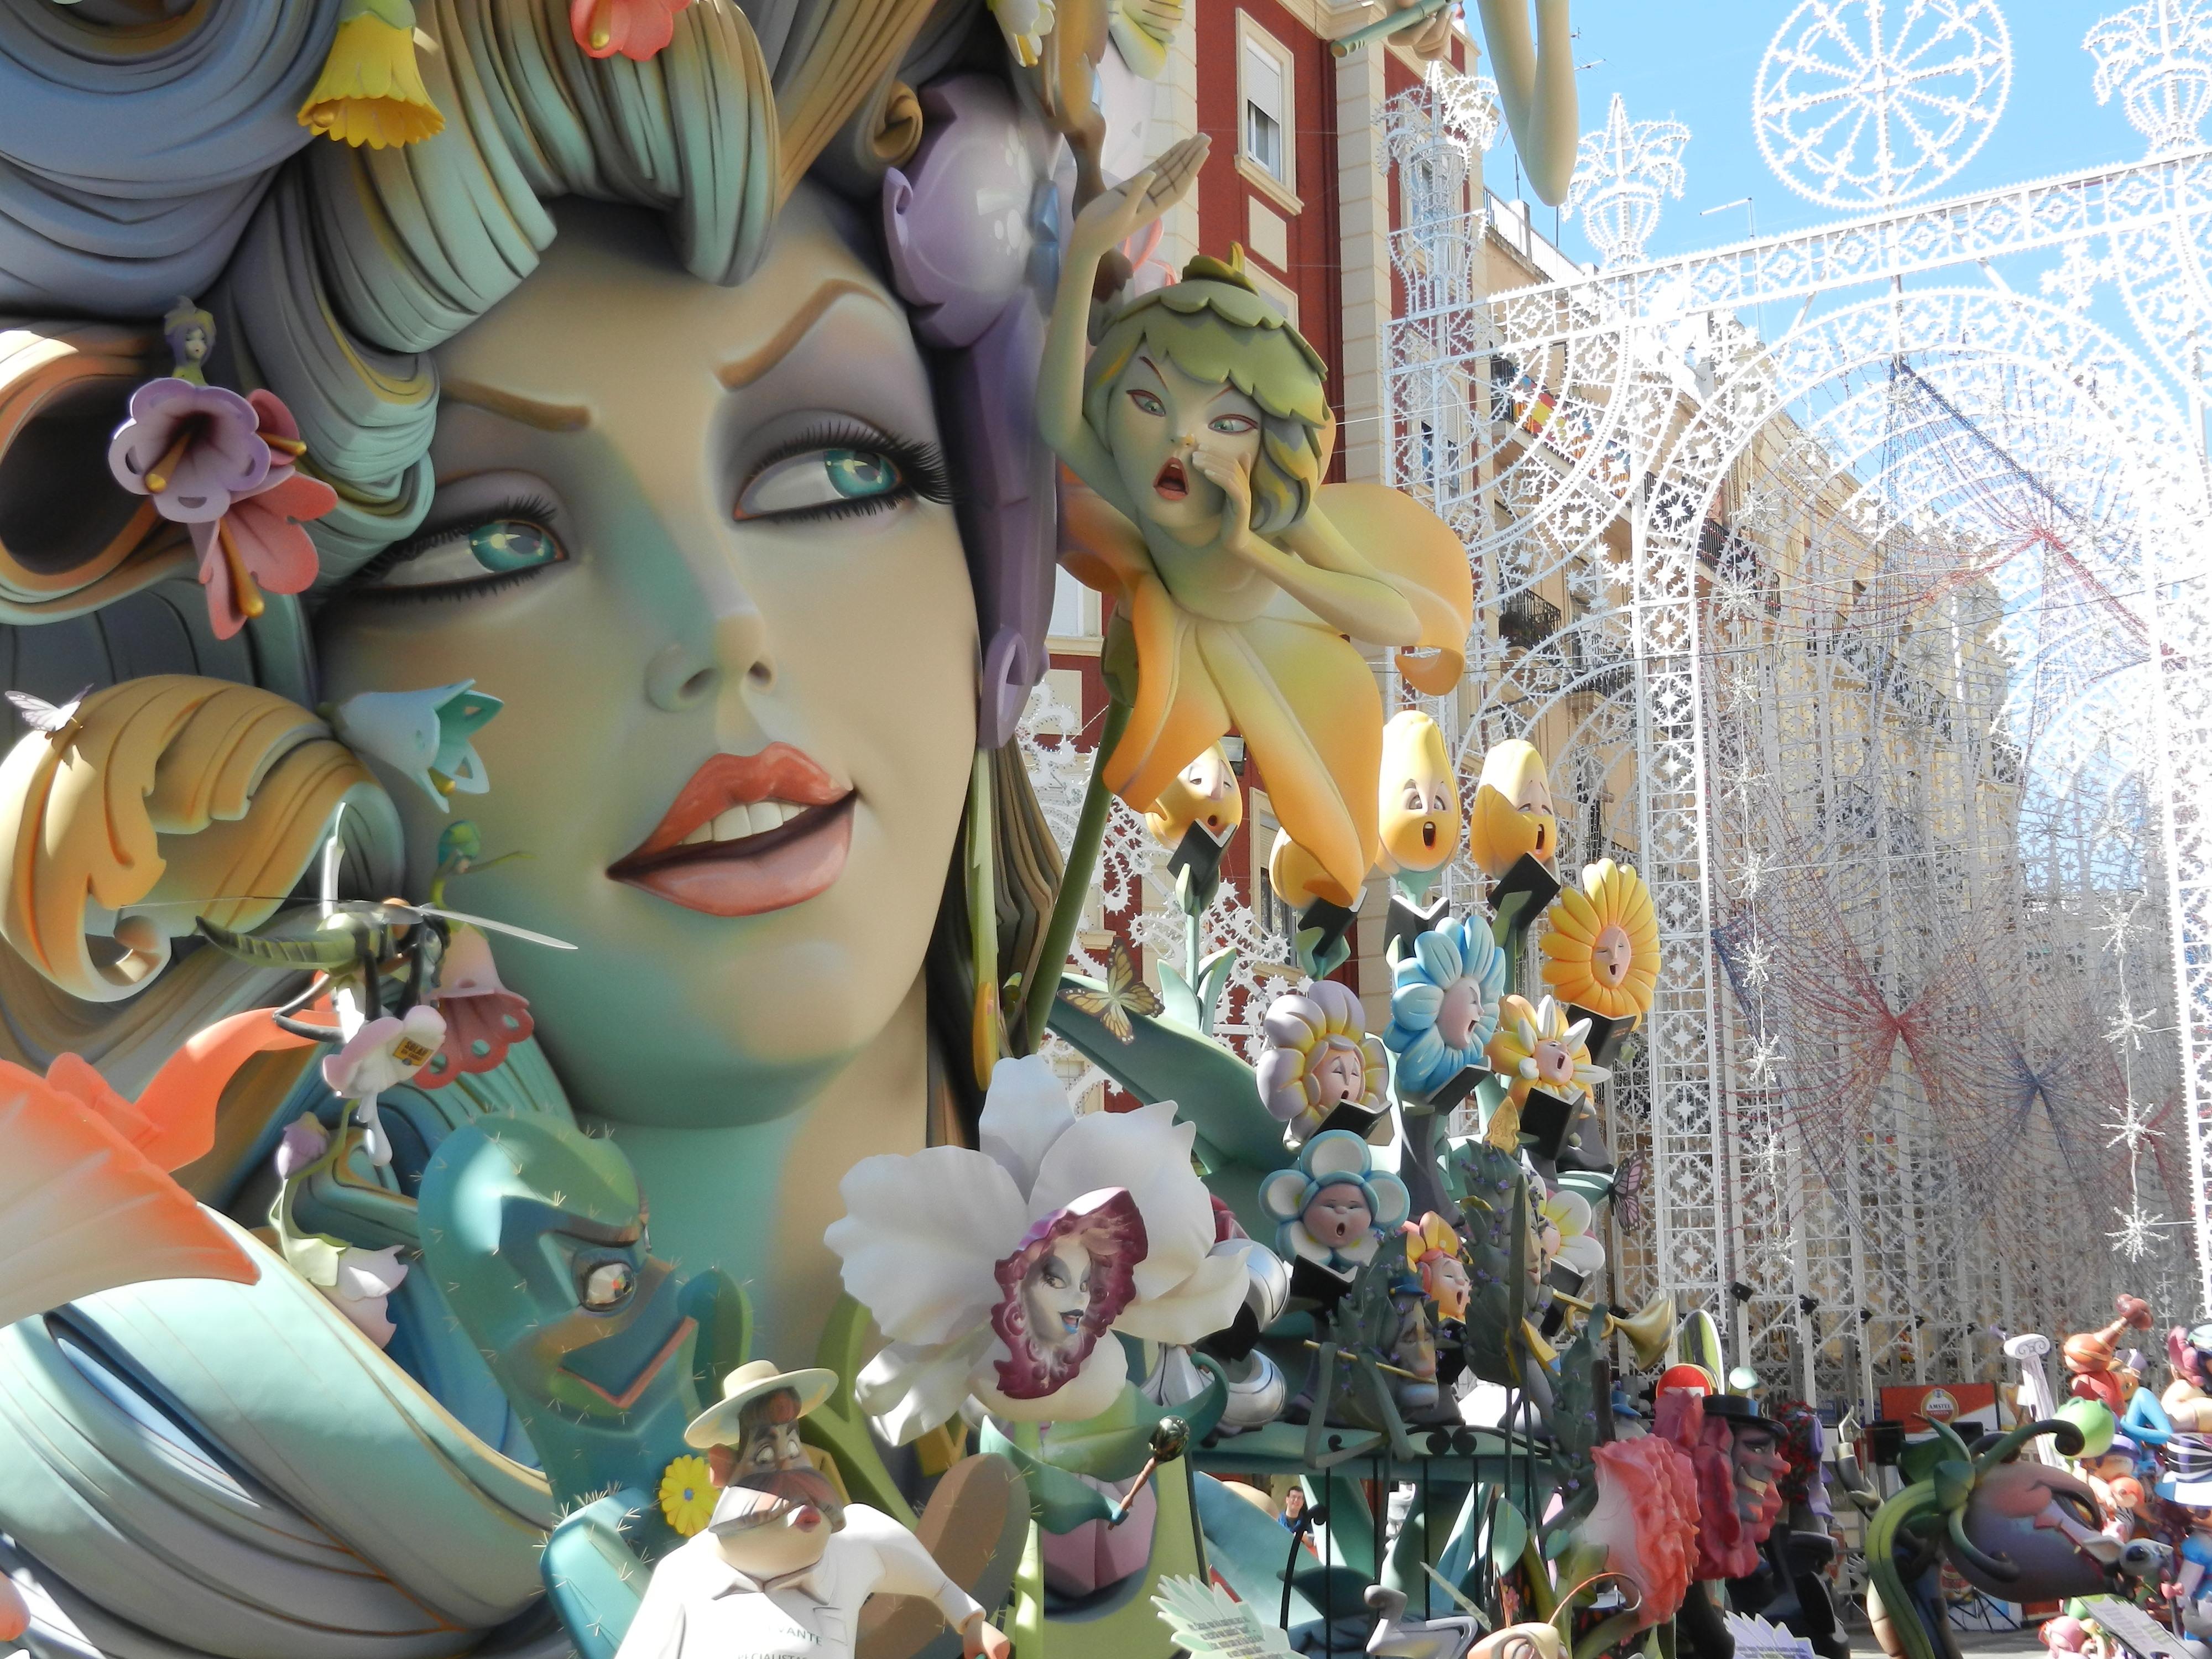 Las Fallas de Valencia Spain  Spanish Traditions  don